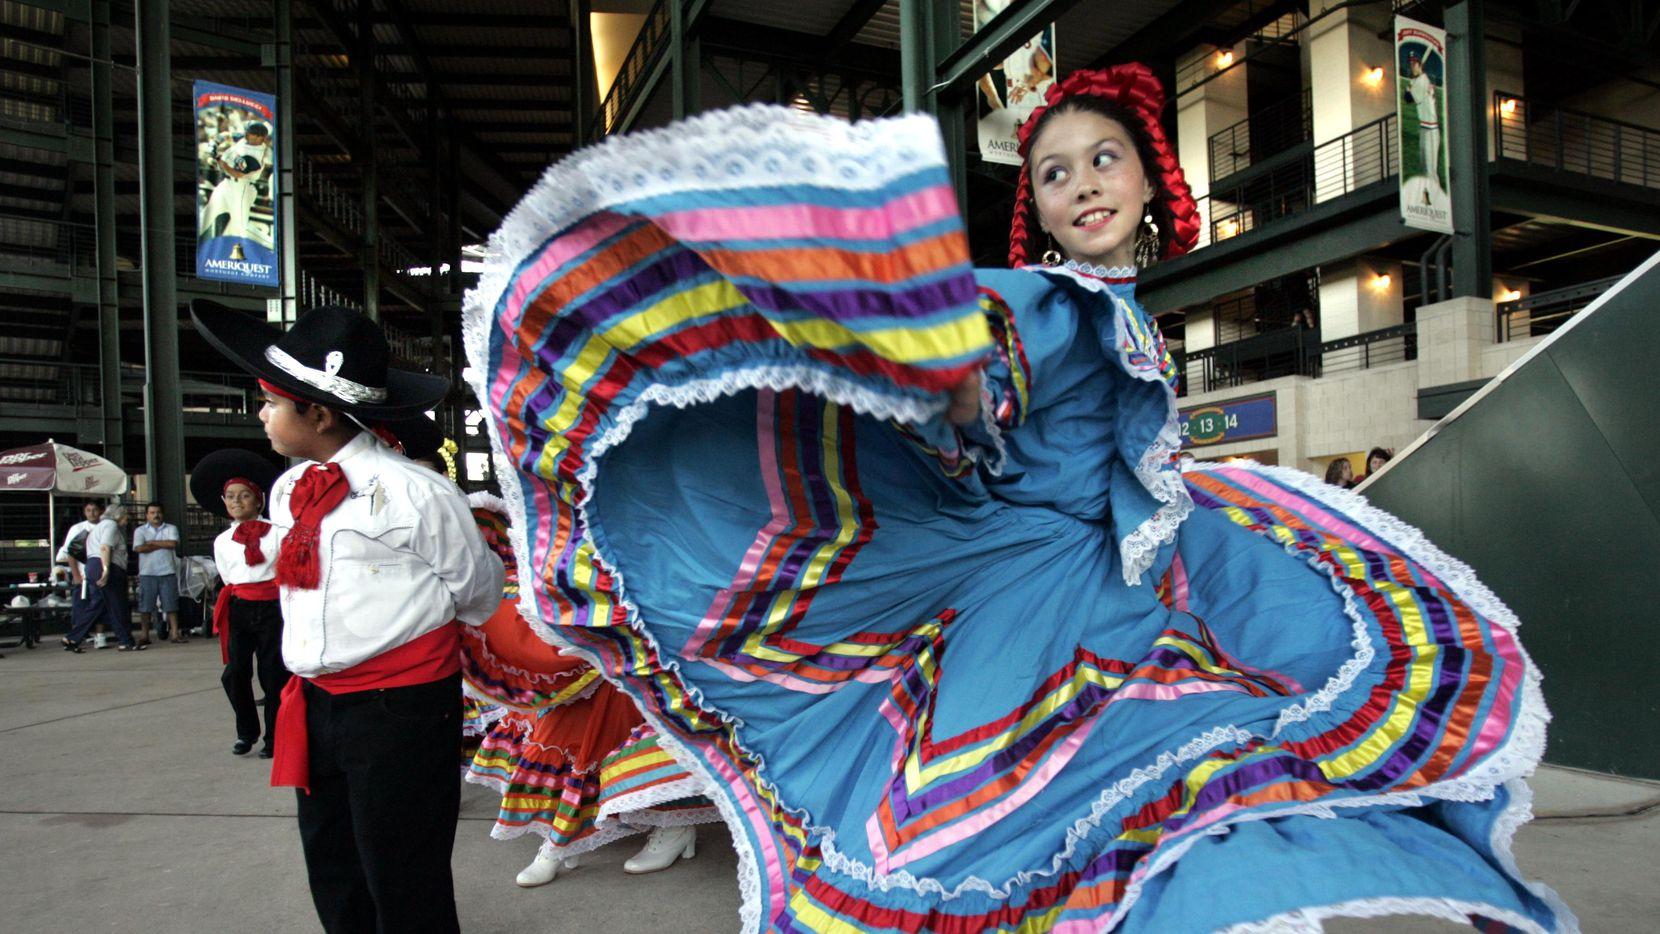 Los hispanos son el grupo de mayor crecimiento en Estados Unidos en la última década, lo que aumenta su influencia y su poder económico en el país.